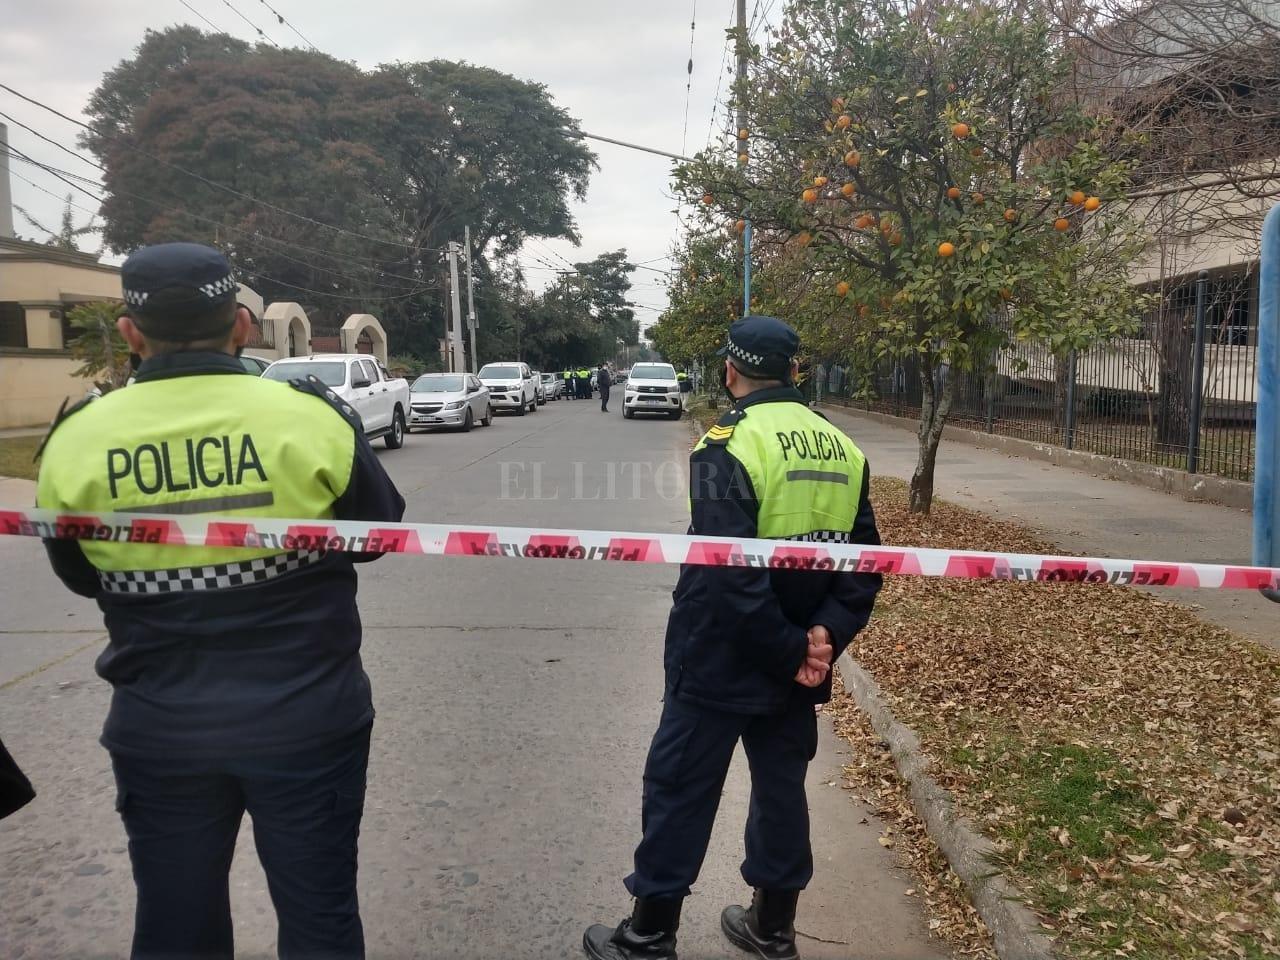 El sacerdote asesinado recibió 14 puñaladas